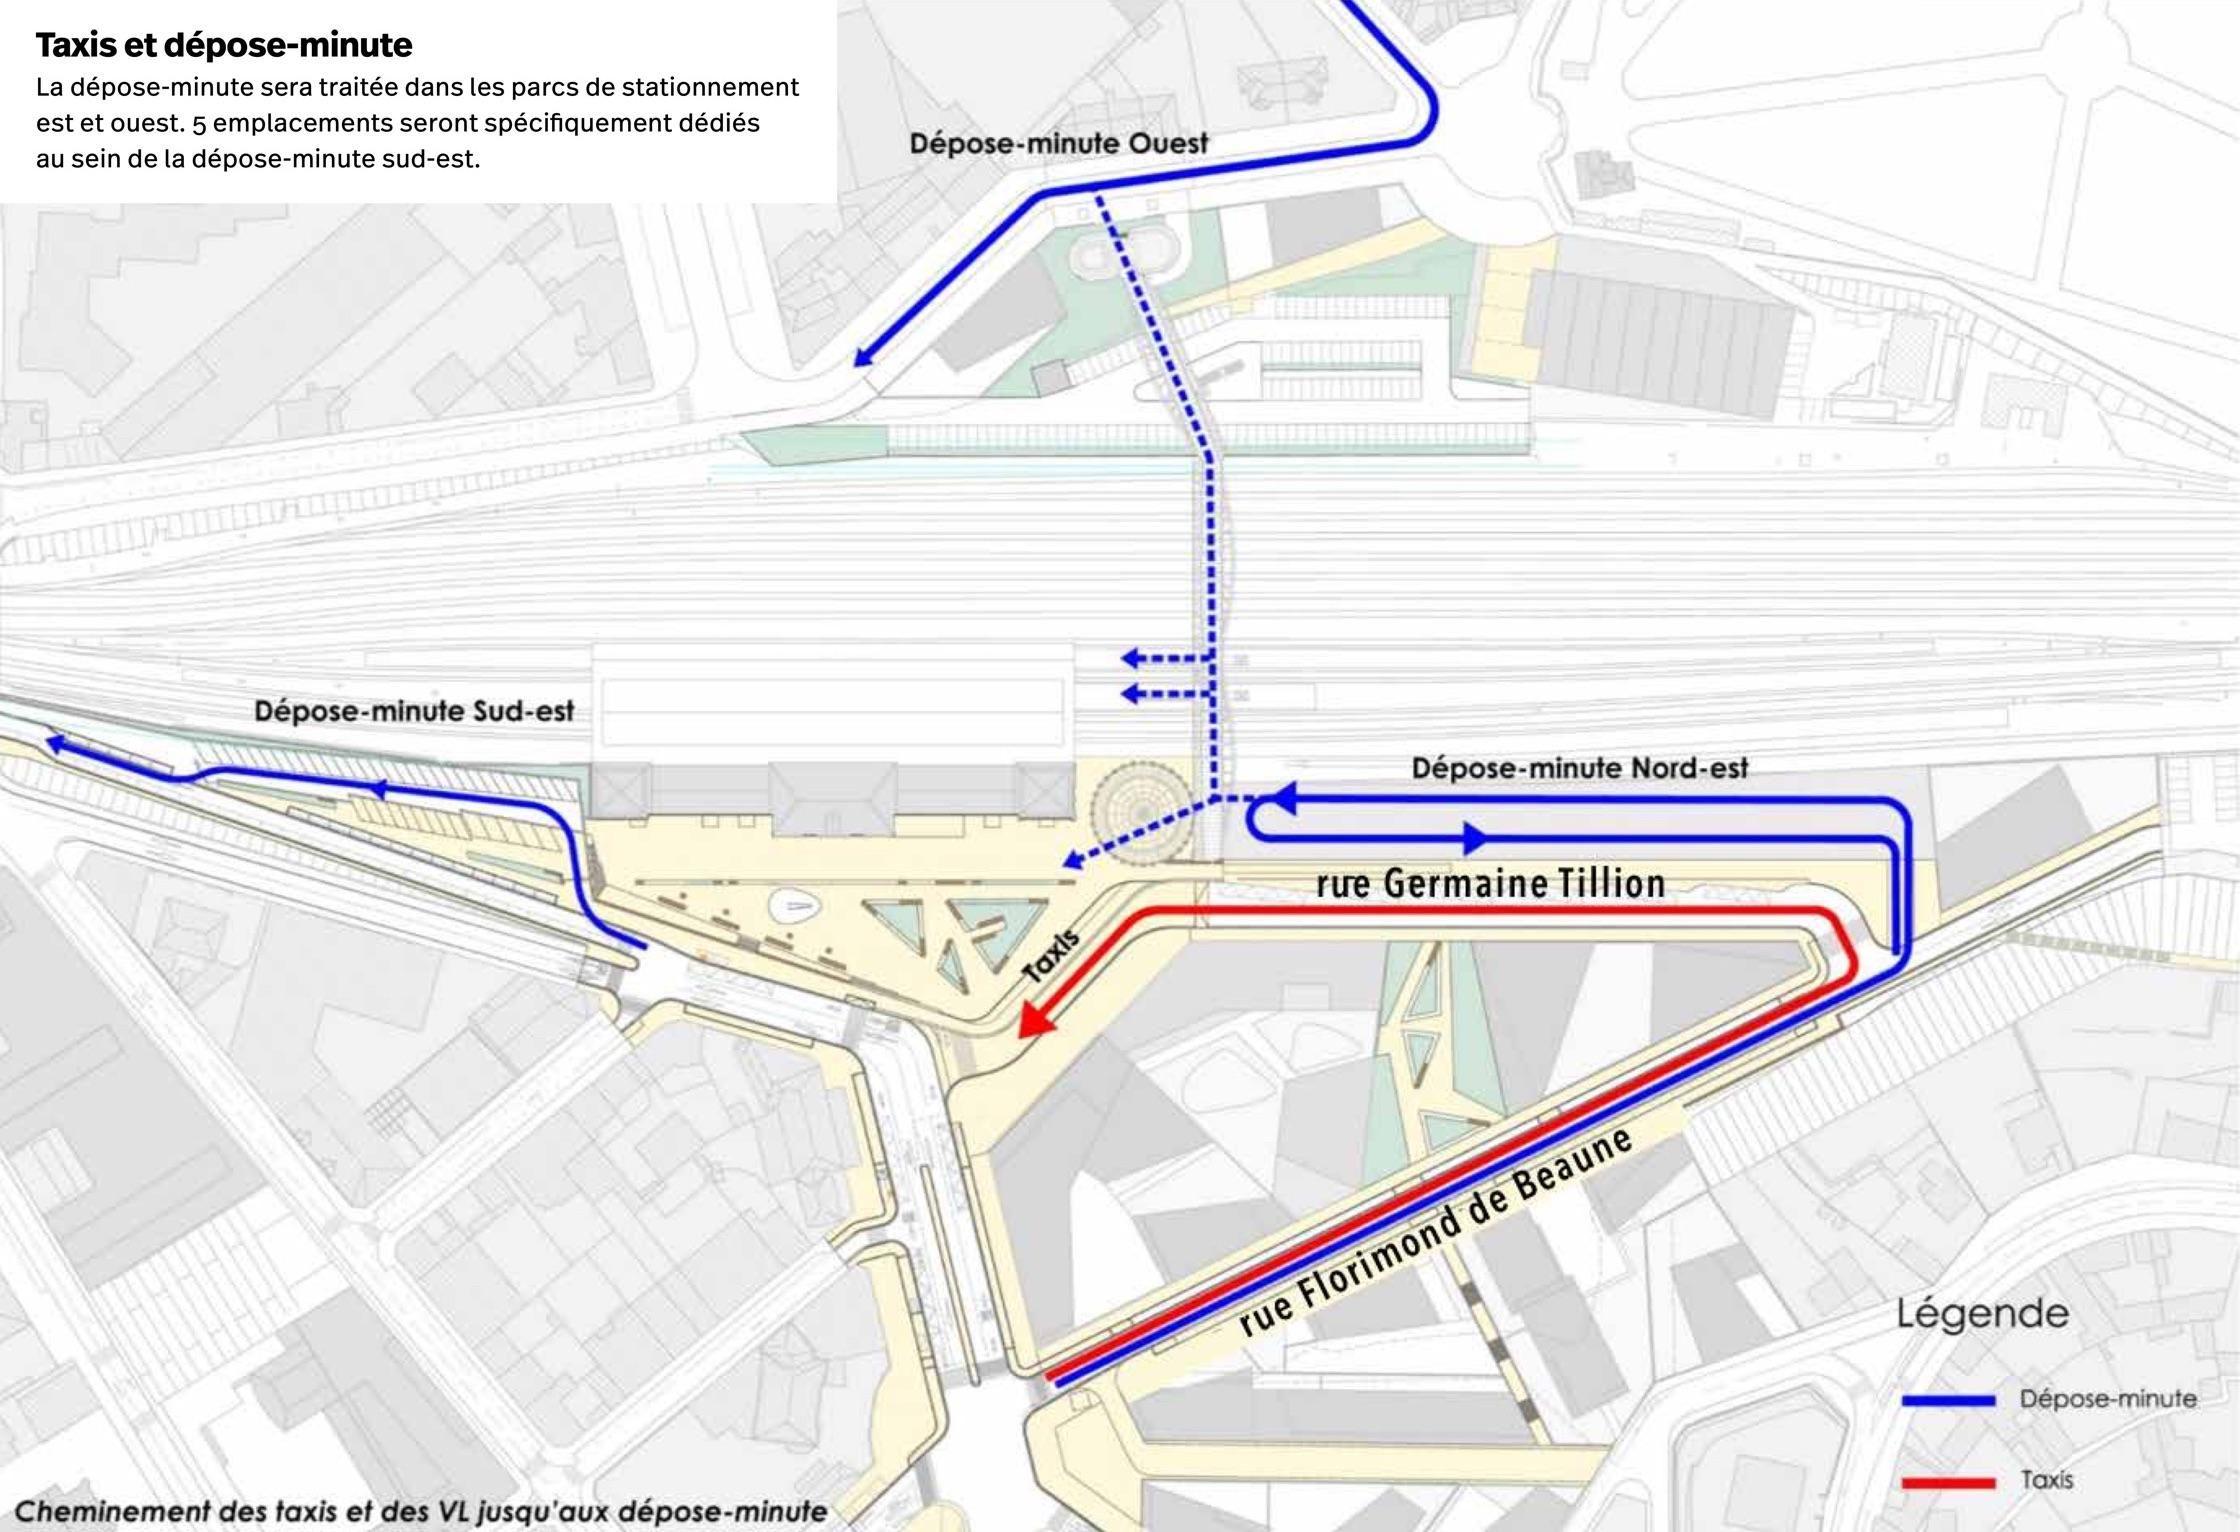 Plan des trois déposes-minute (un premier devant la passerelle rue Alfred-Halou, le deuxième près du boulevard Daniel-Dupuis et le troisième au nord de la rotonde de la passerelle, le long des quais).